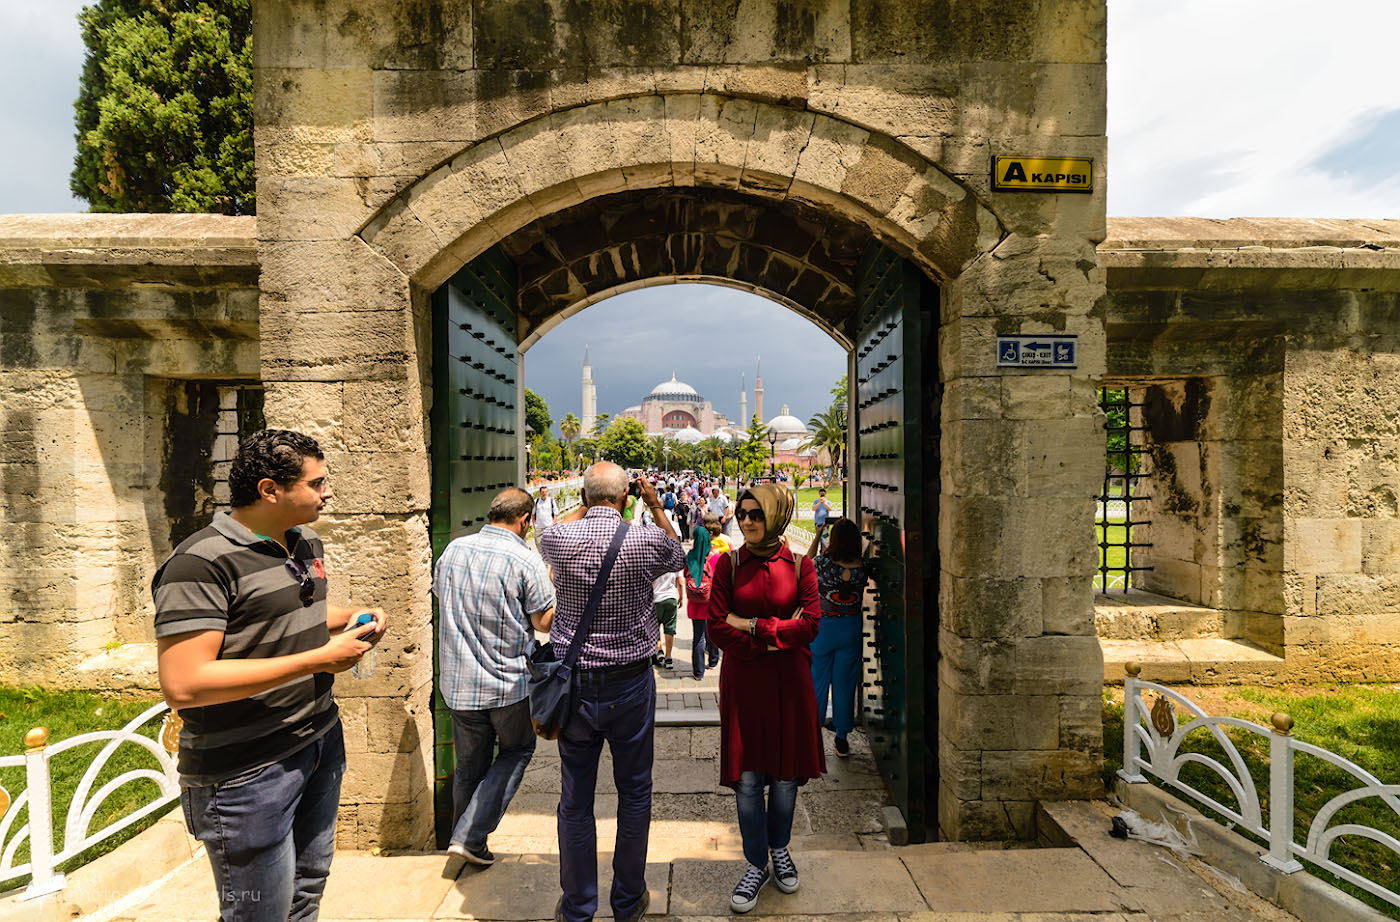 Фото 11. Вид на собор святой Софии, через ворота голубой мечети. Отчеты об экскурсиях по Стамбулу во время путешествия по Турции. 1/200, +0.33, 8.0, 320, 14.